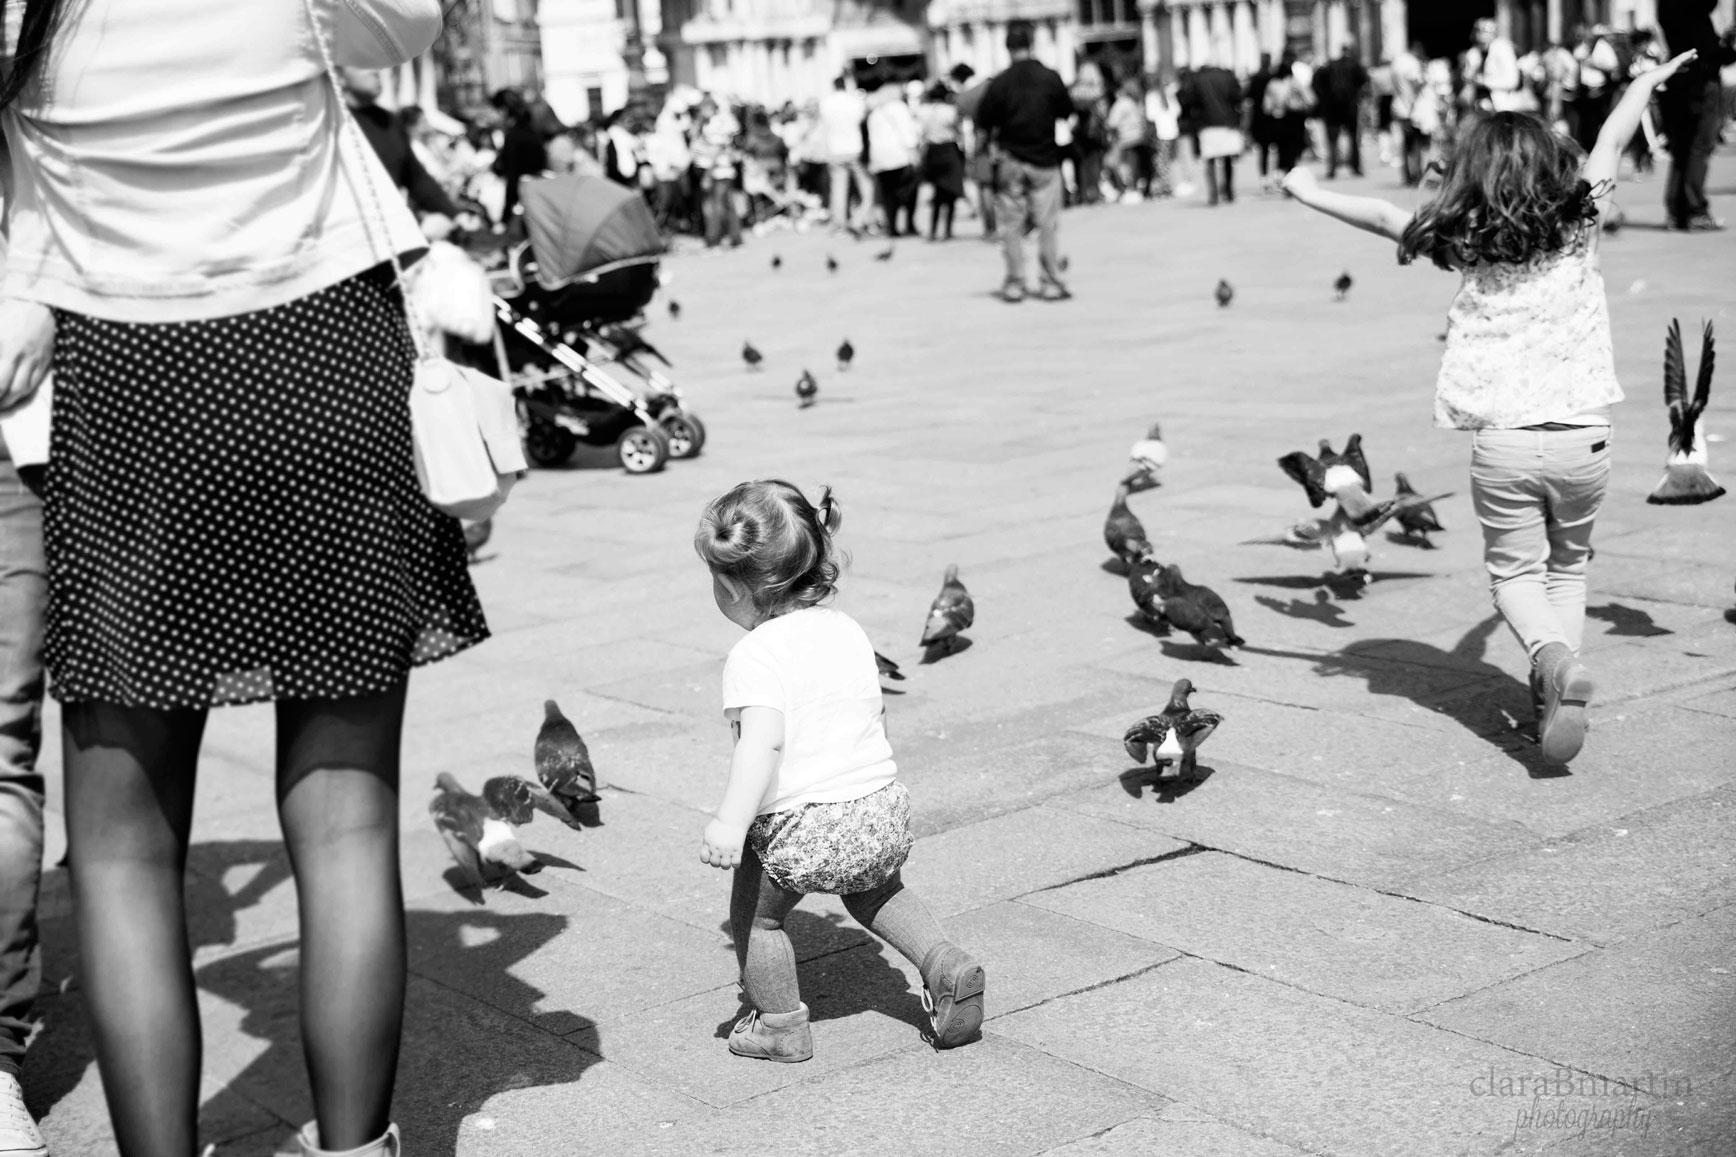 Venecia_claraBmartin_15